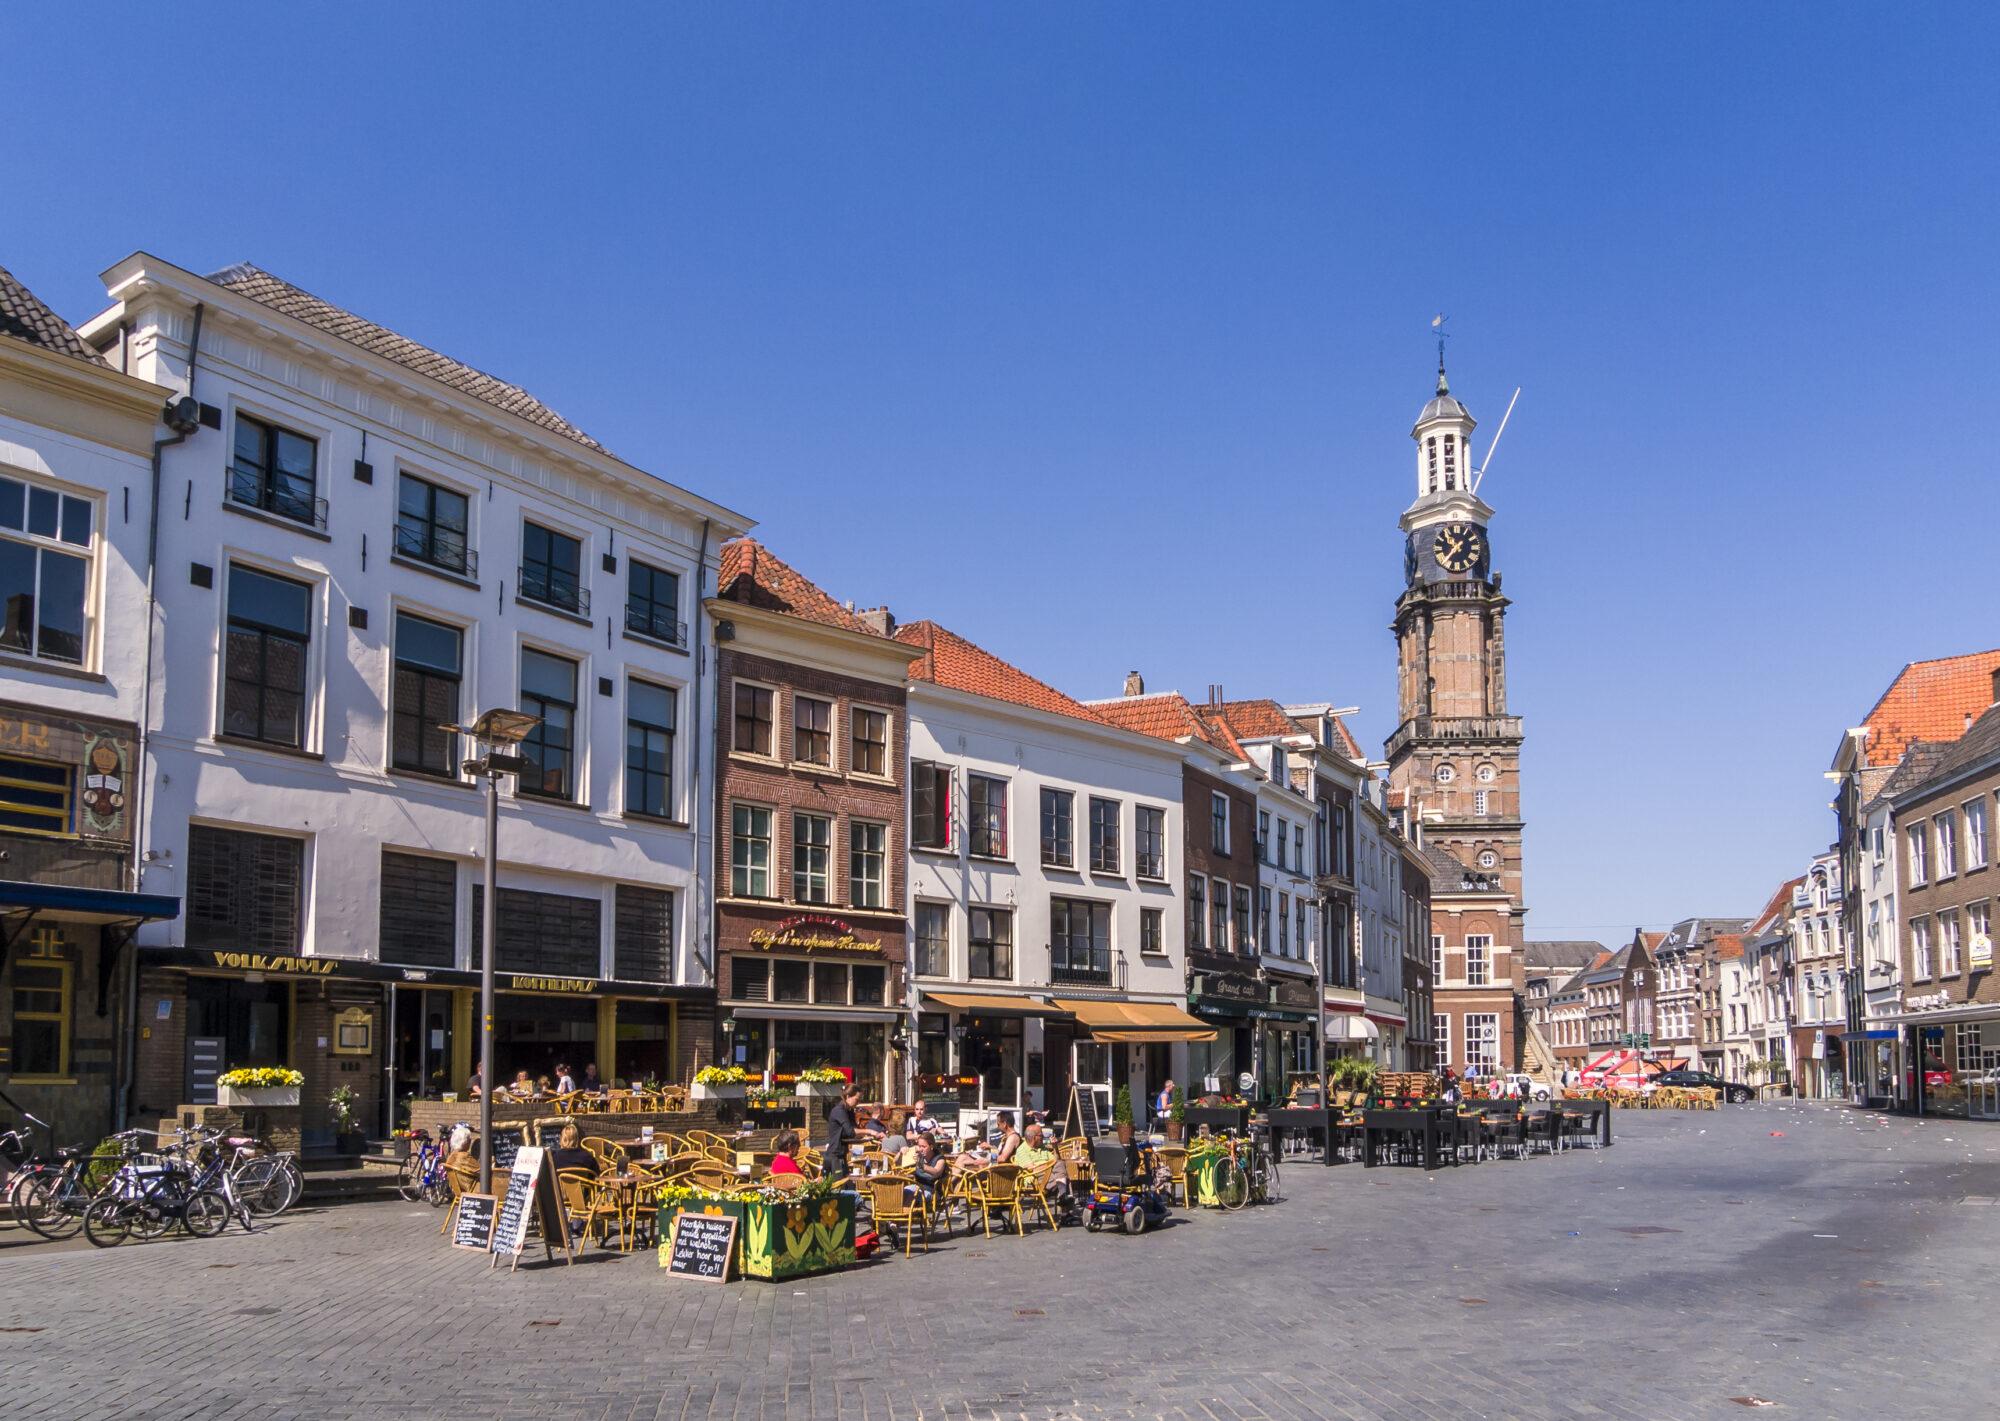 Zomertip: Wijnhuistoren in Zutphen beklimmen